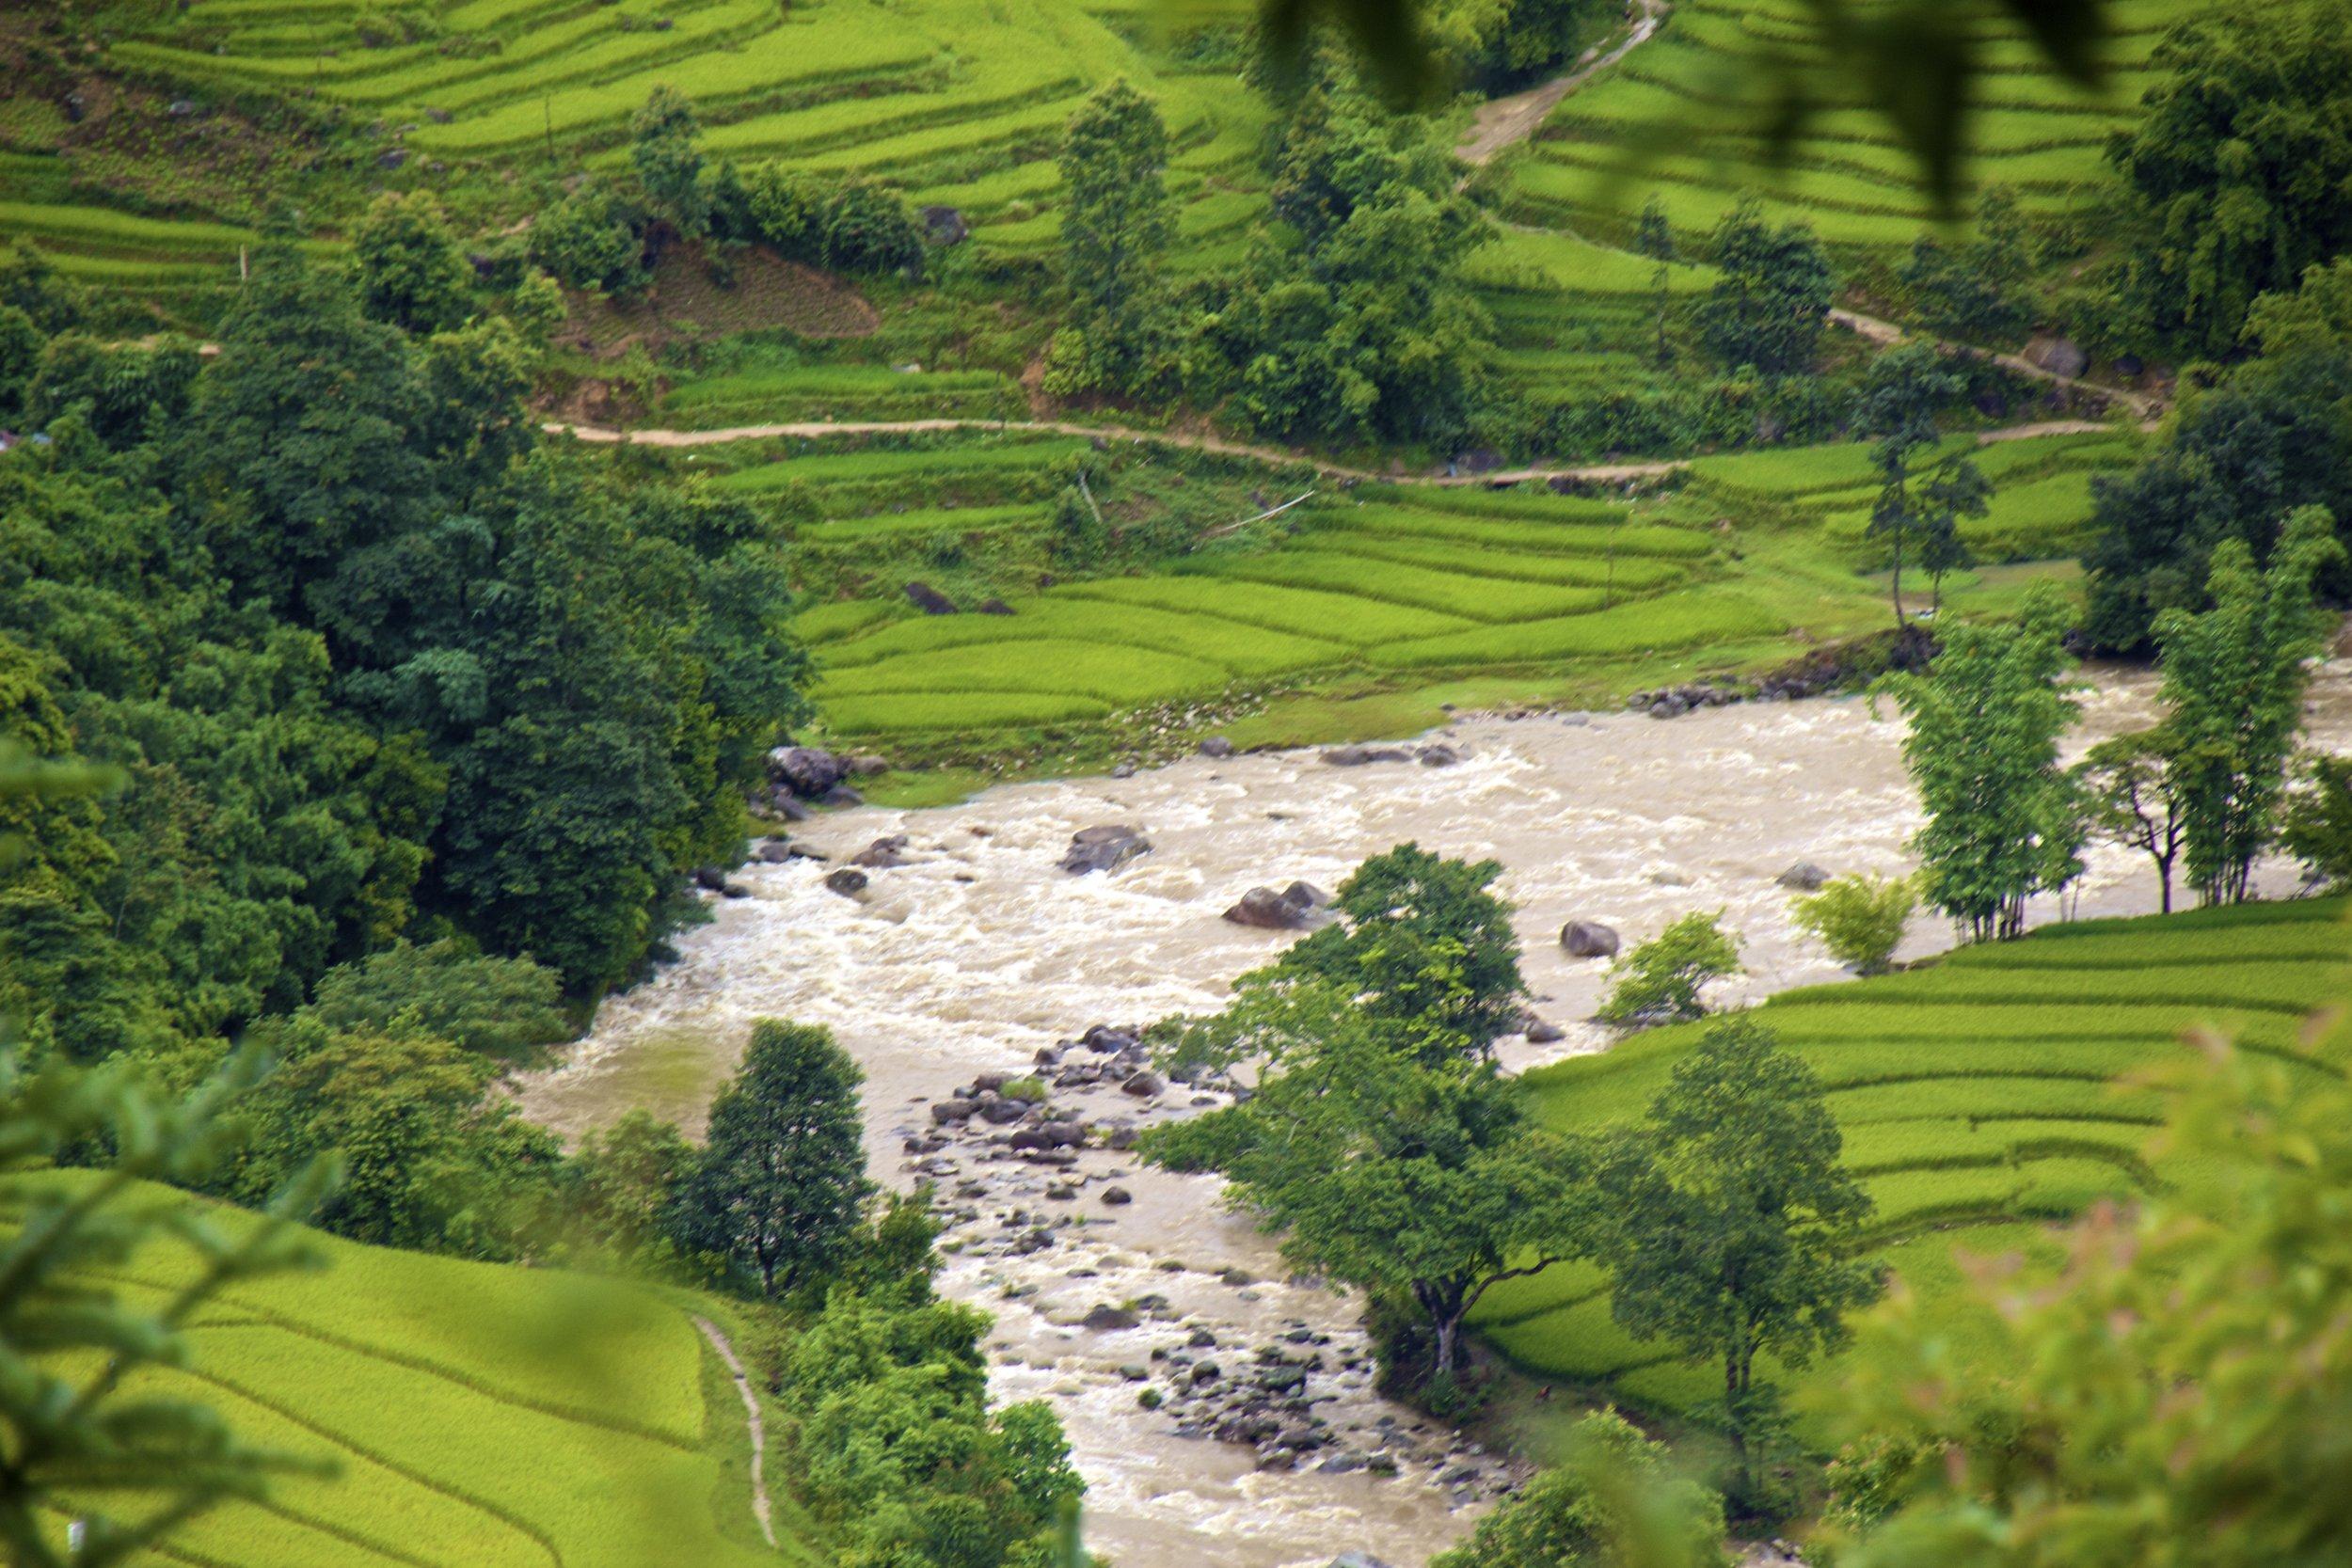 sa pa lao cai vietnam rice paddies 23.jpg